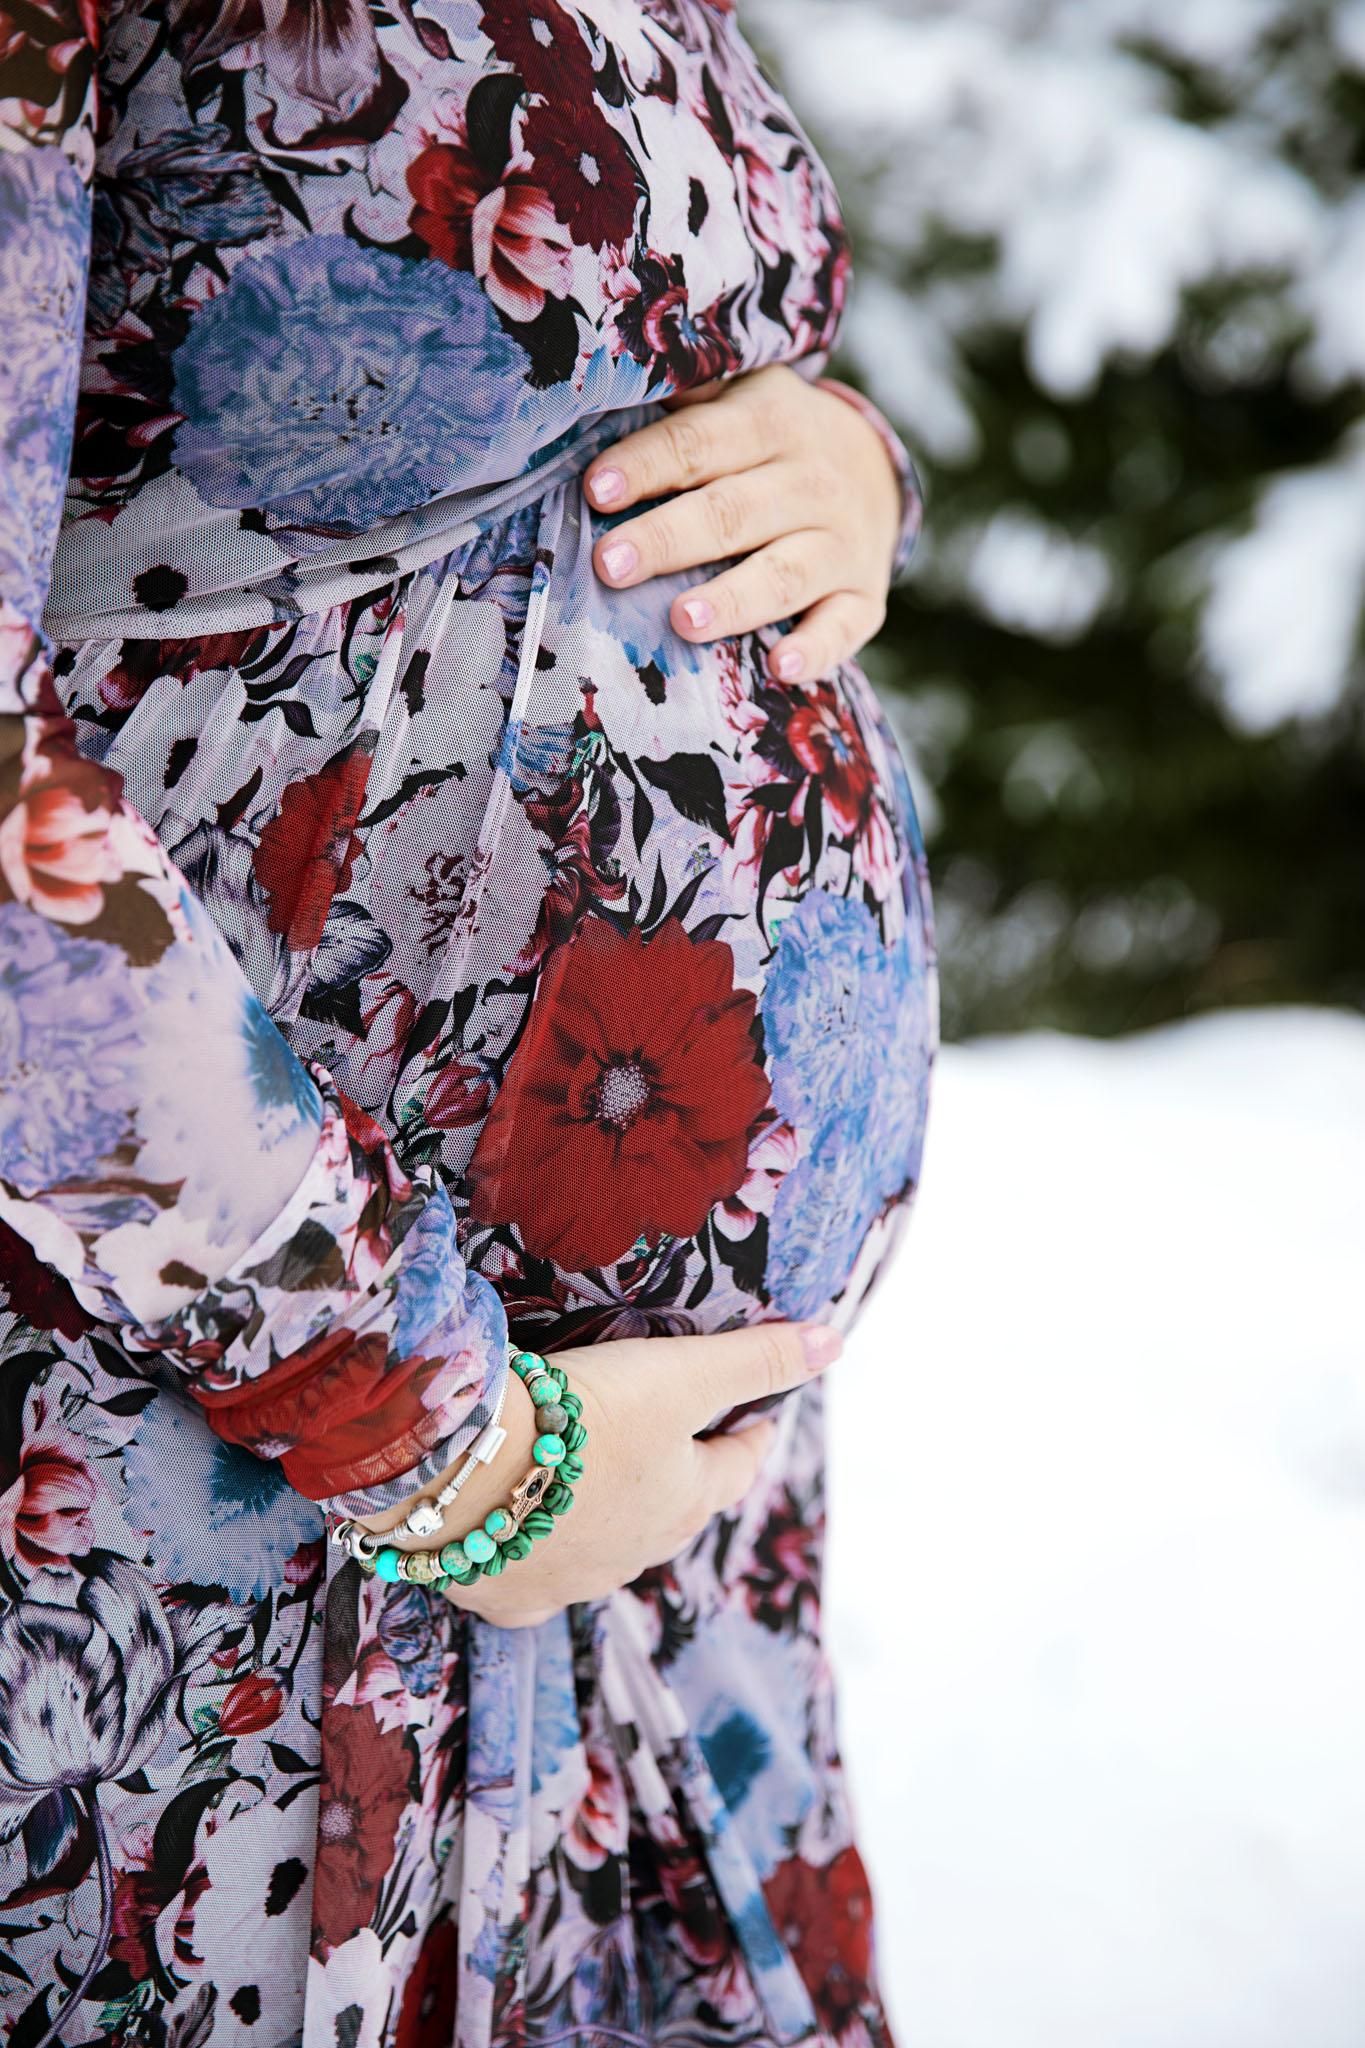 Fotograf emy fotograferar gravidfotografering i Halmstad och Laholm